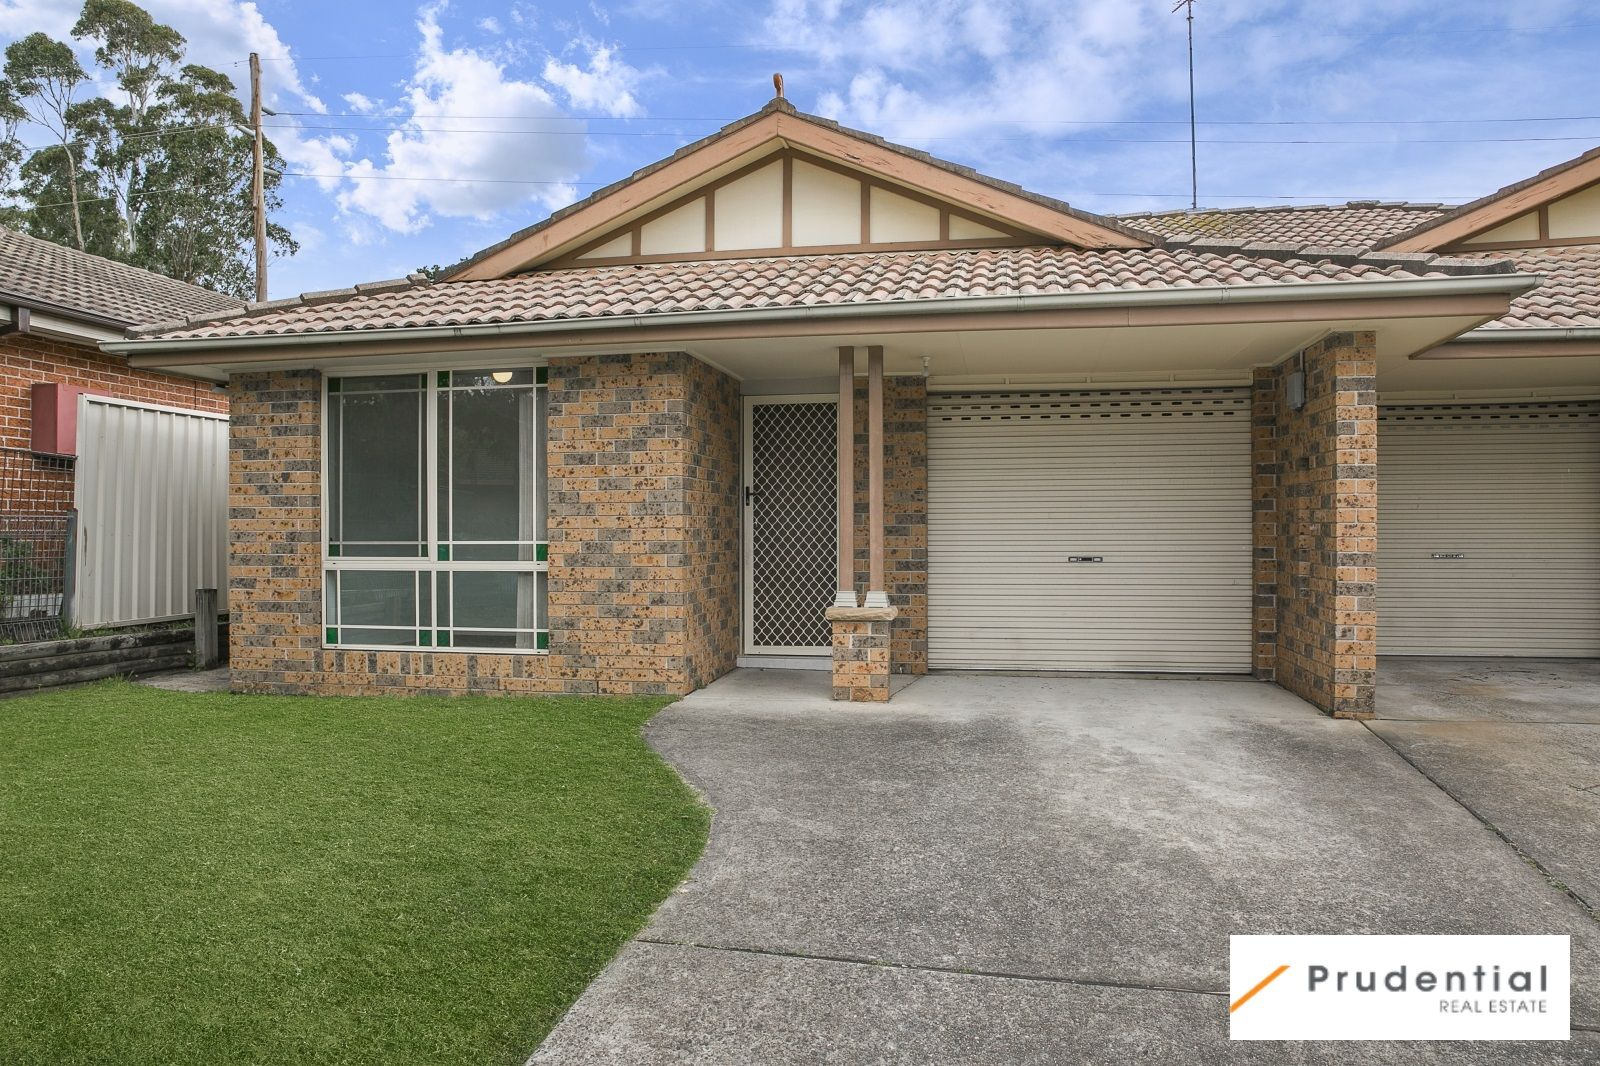 4/17 Wyangala Crescent, Leumeah NSW 2560, Image 0